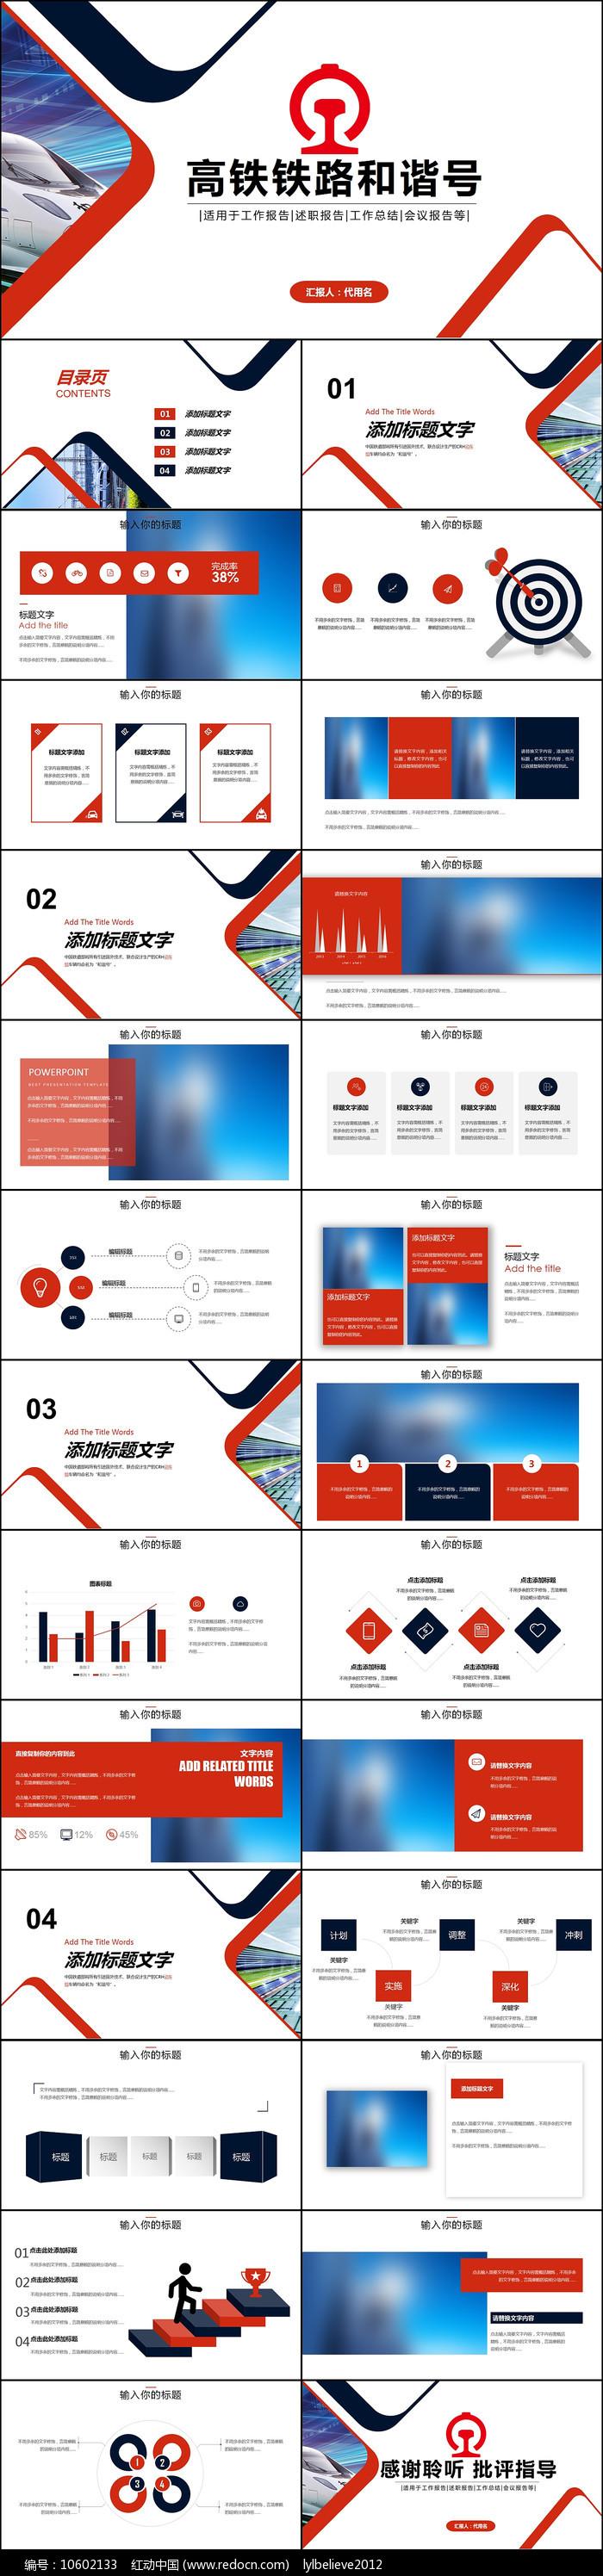 中国高铁出行交通工具地铁运输PPT